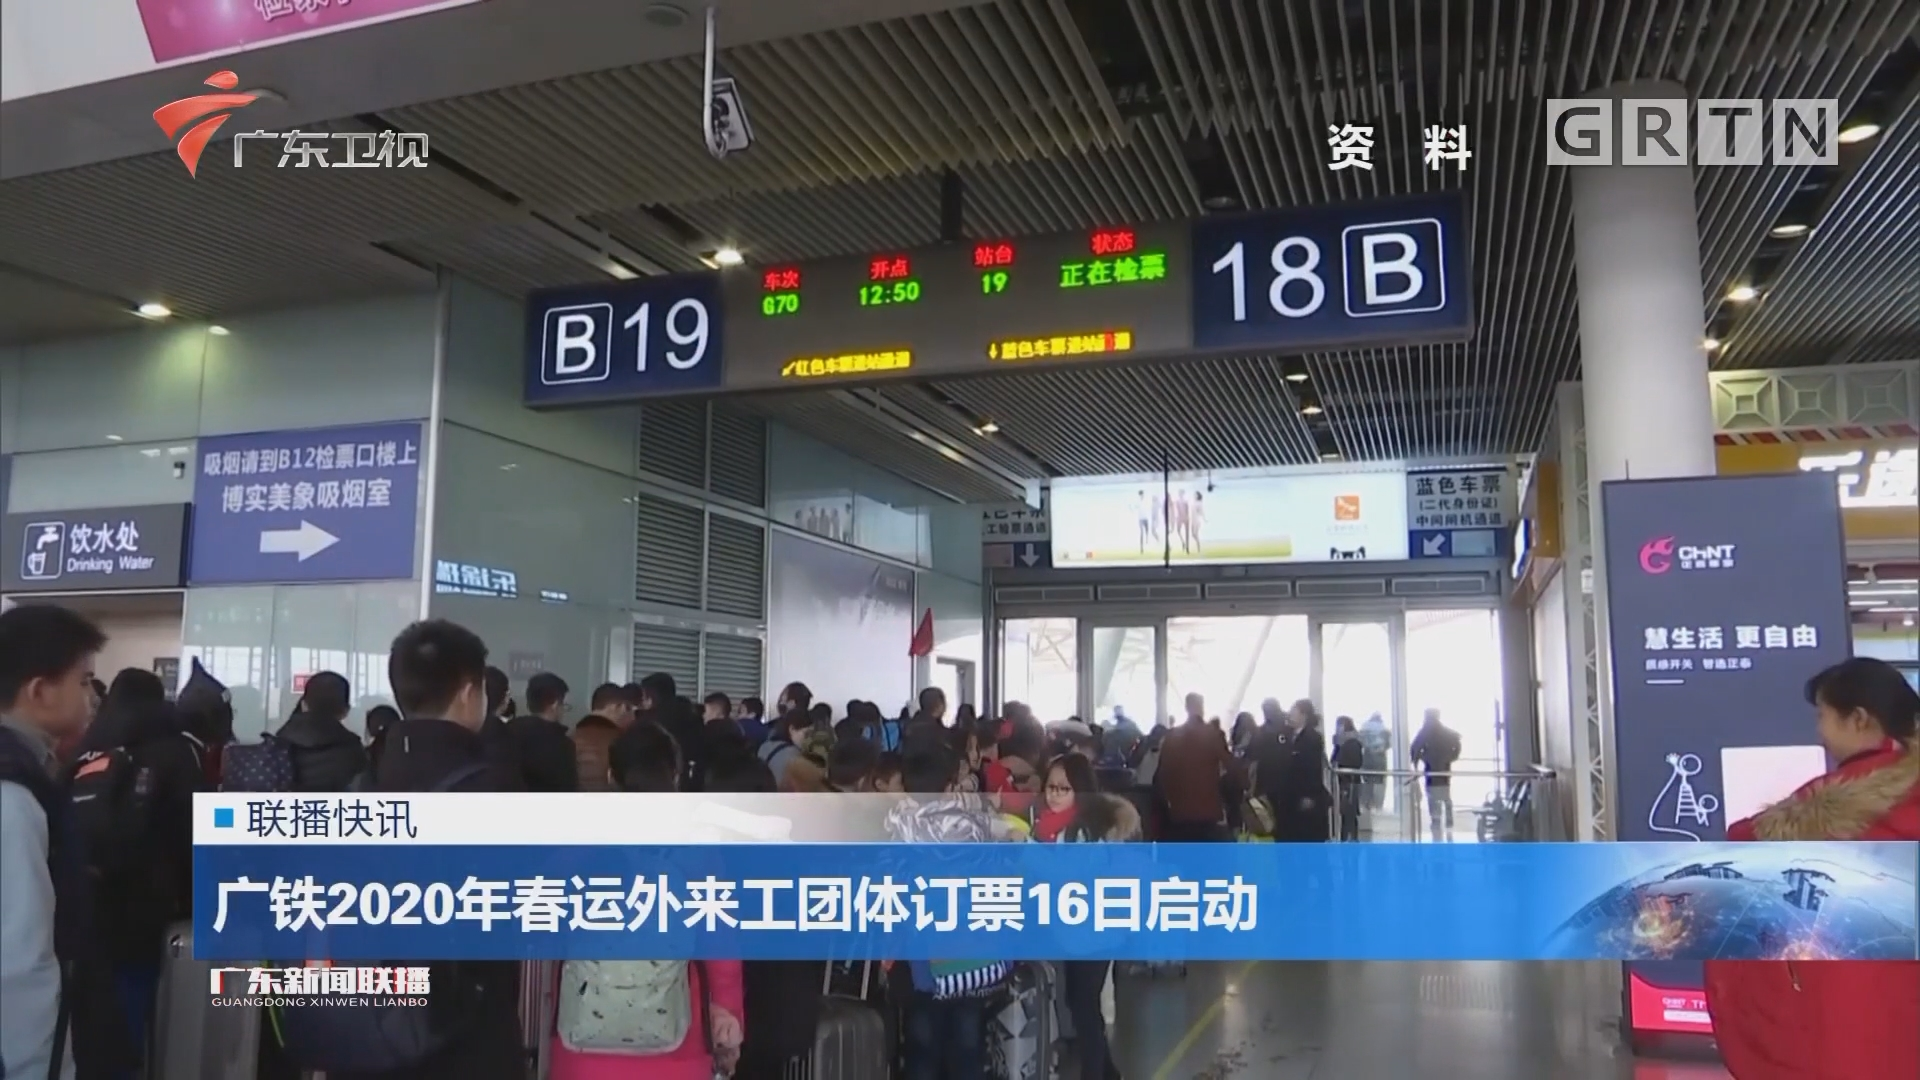 廣鐵2020年春運外來工團體訂票16日啟動